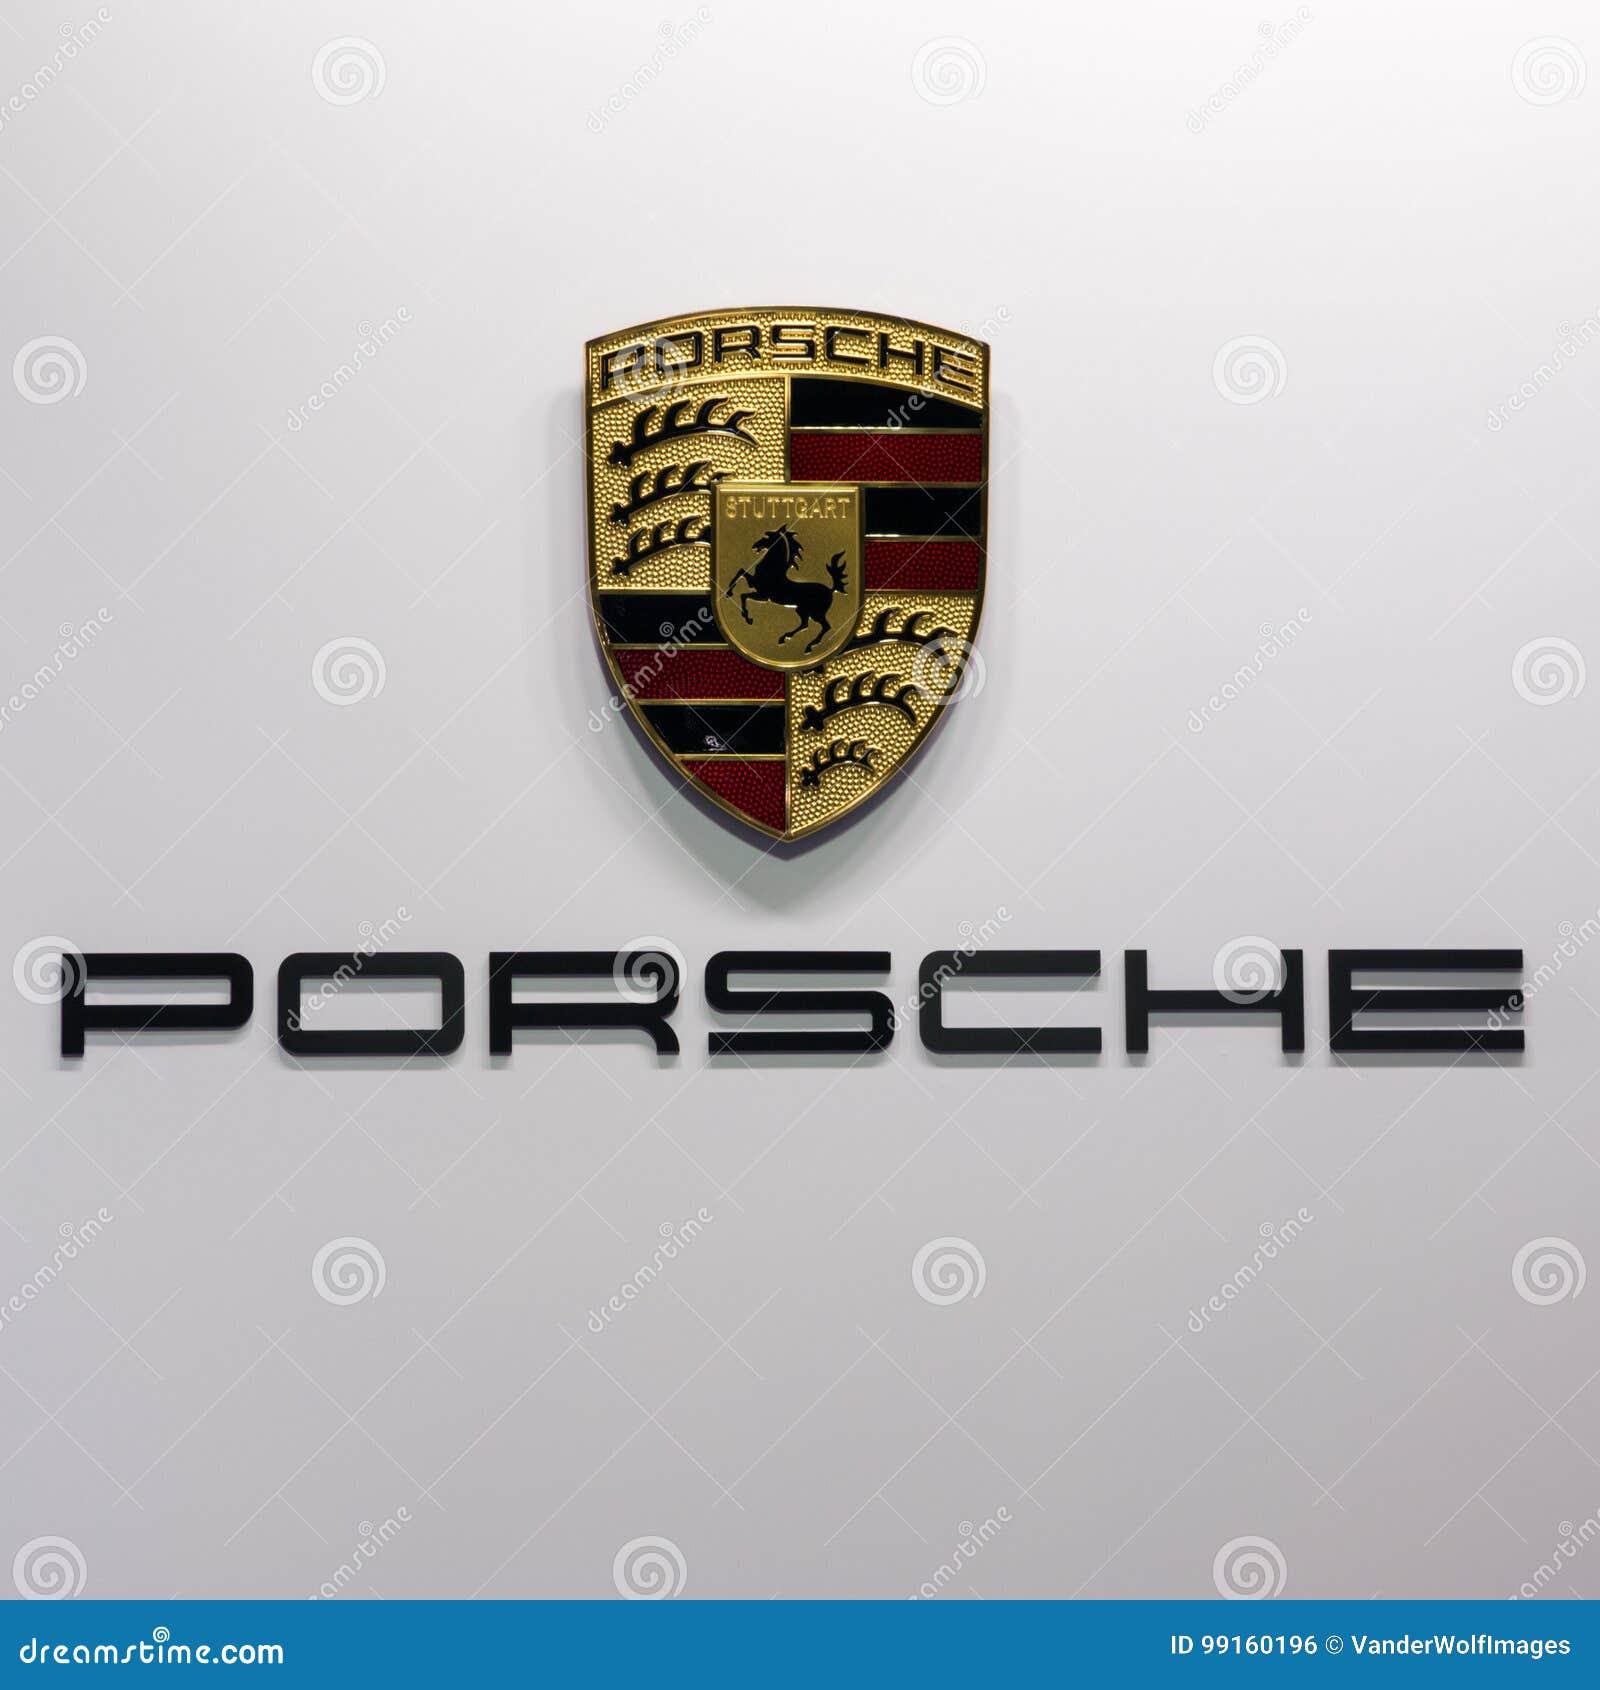 Porsche Car Logo Editorial Photo Image Of Showroom Show 99160196